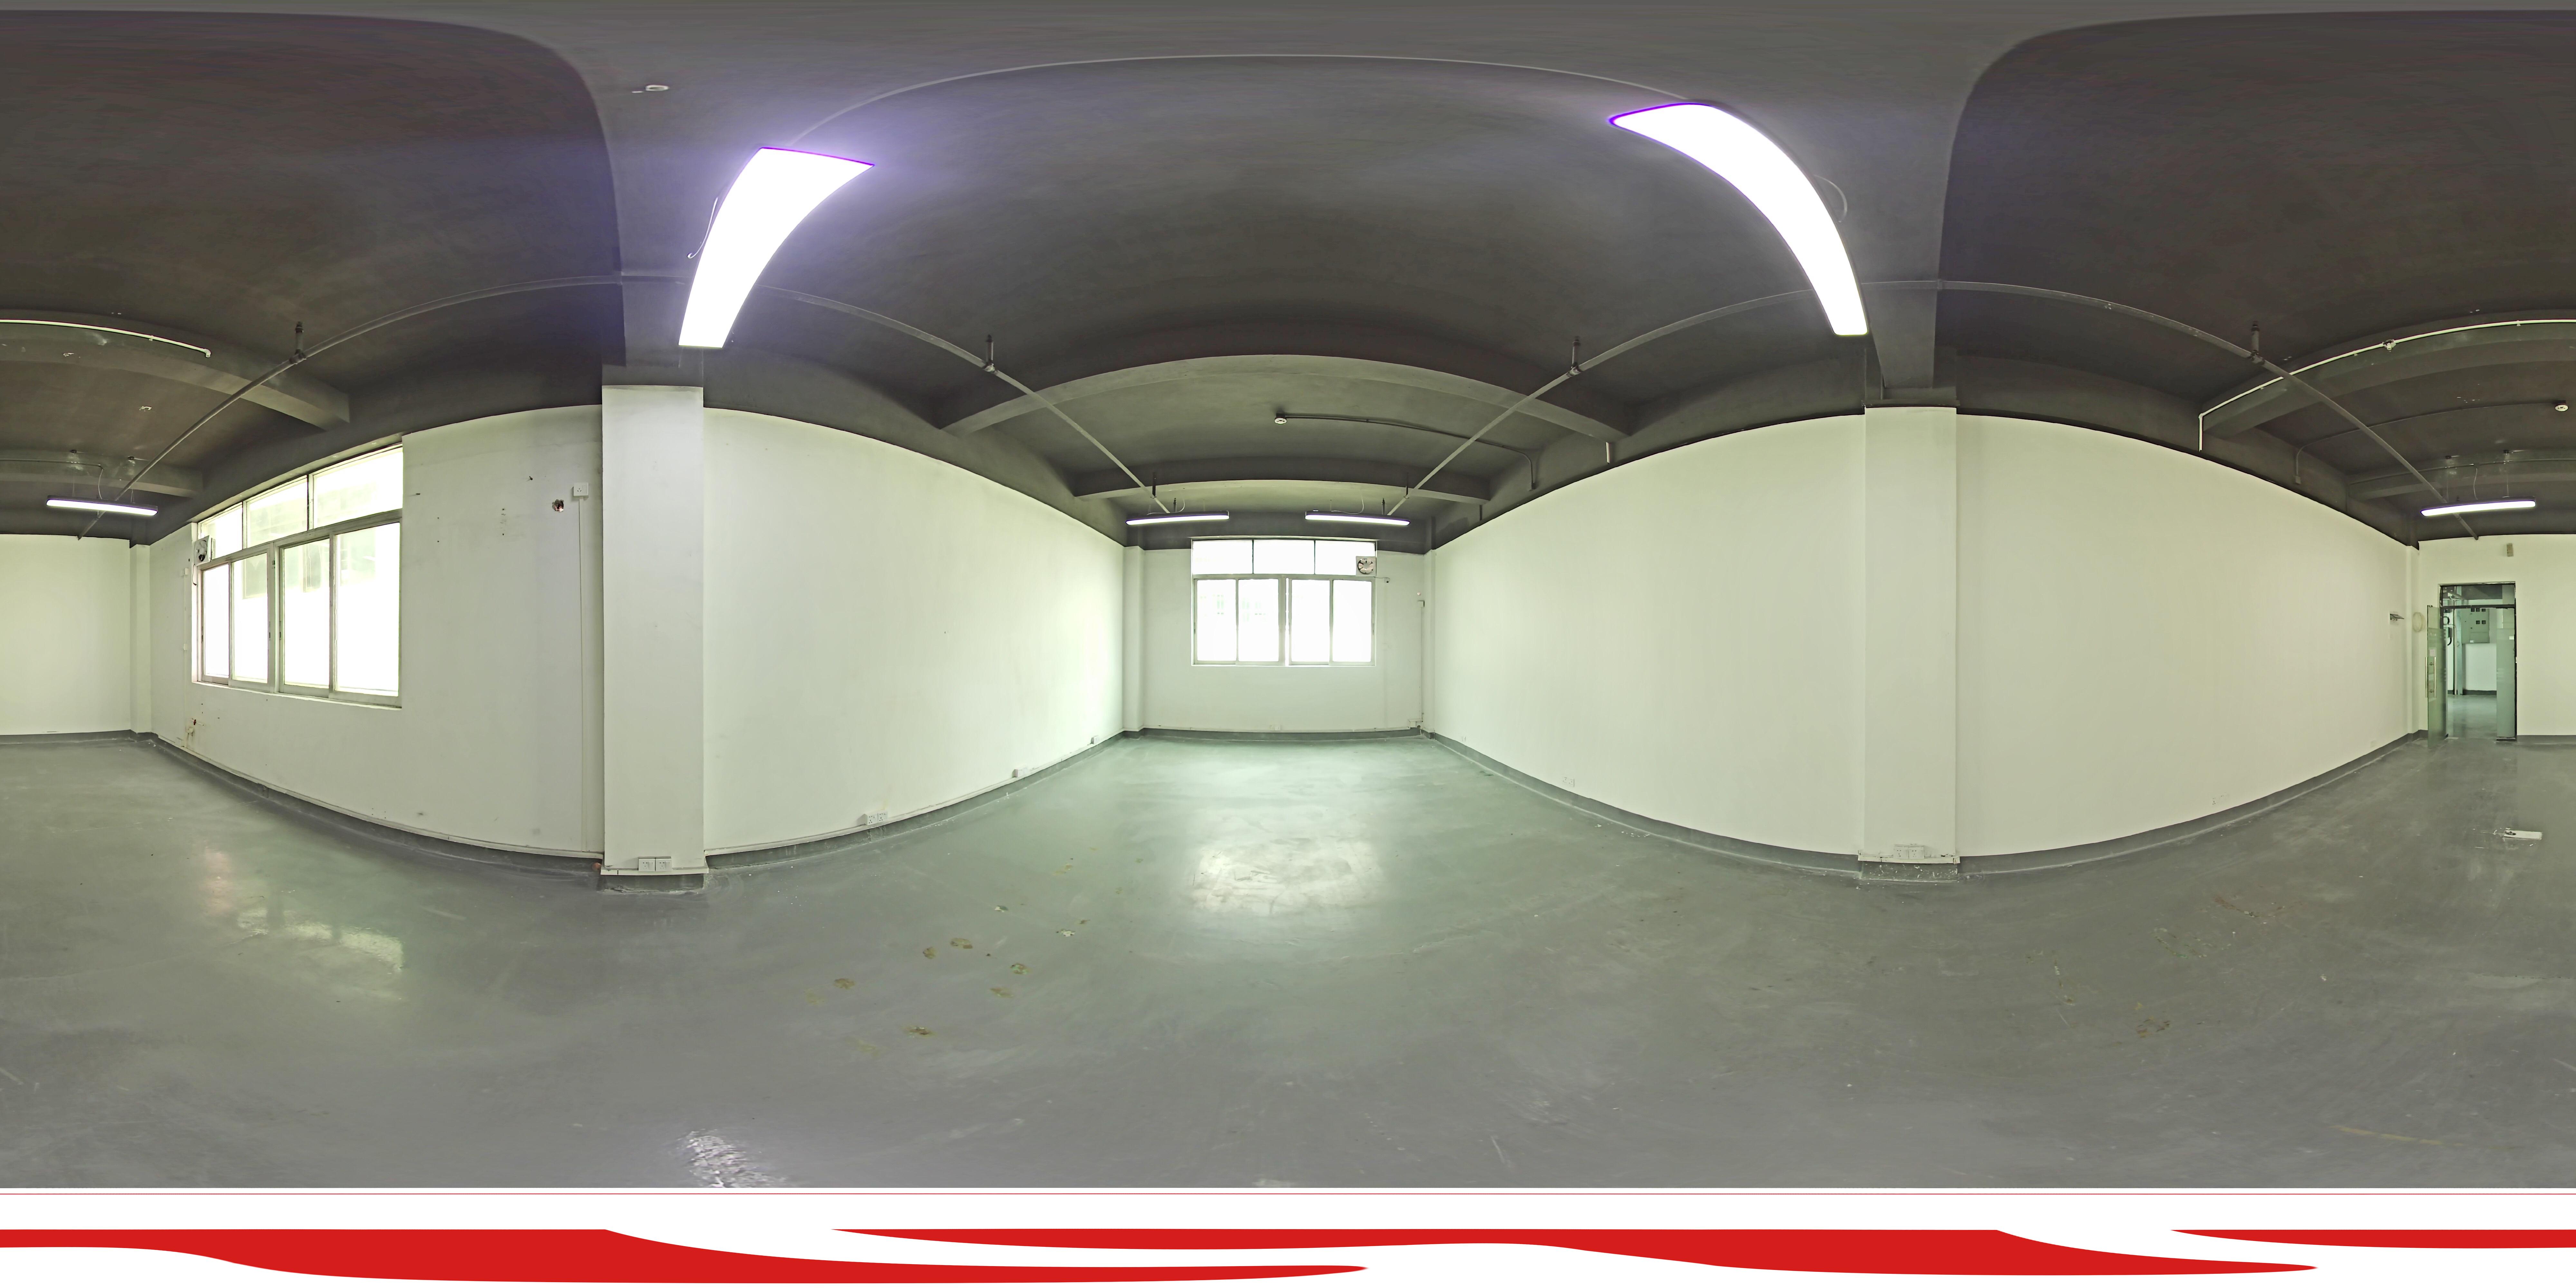 固戍带装修小面积厂房出租112平米,适合小规模加工仓库办公